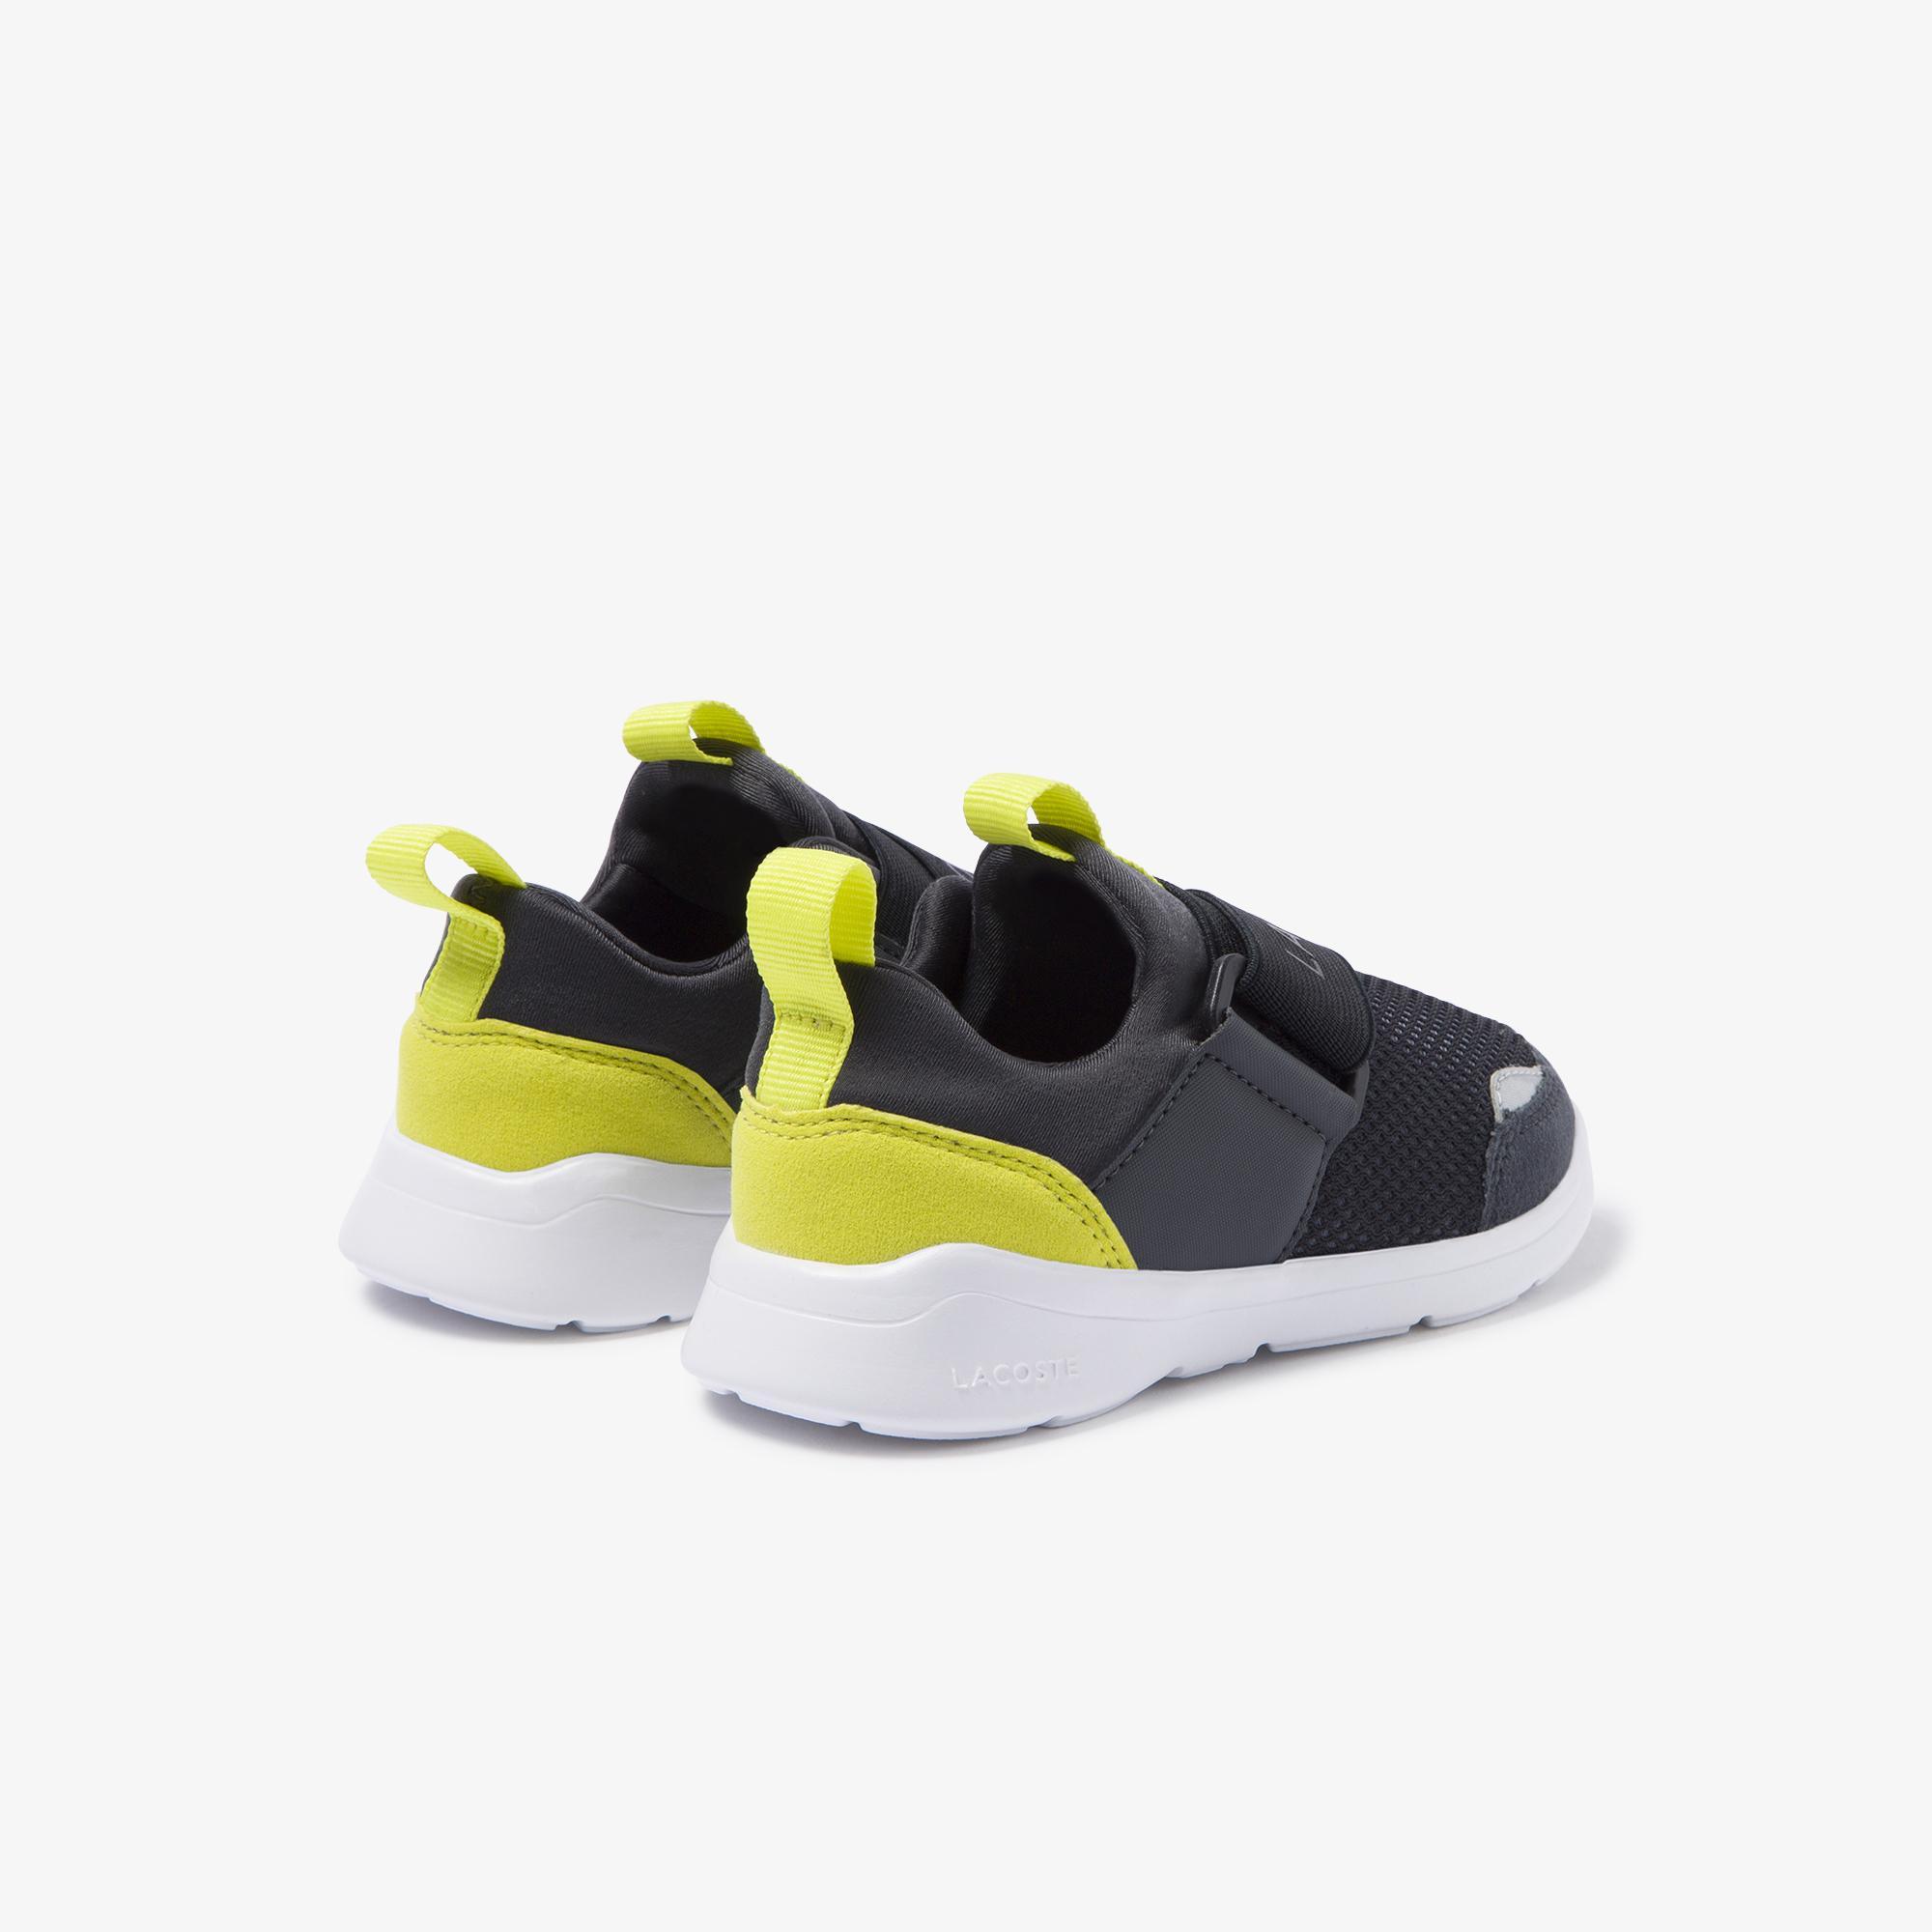 Lacoste Lt Dash Slip 120 1 Sui Çocuk Koyu Gri - Sarı Sneaker